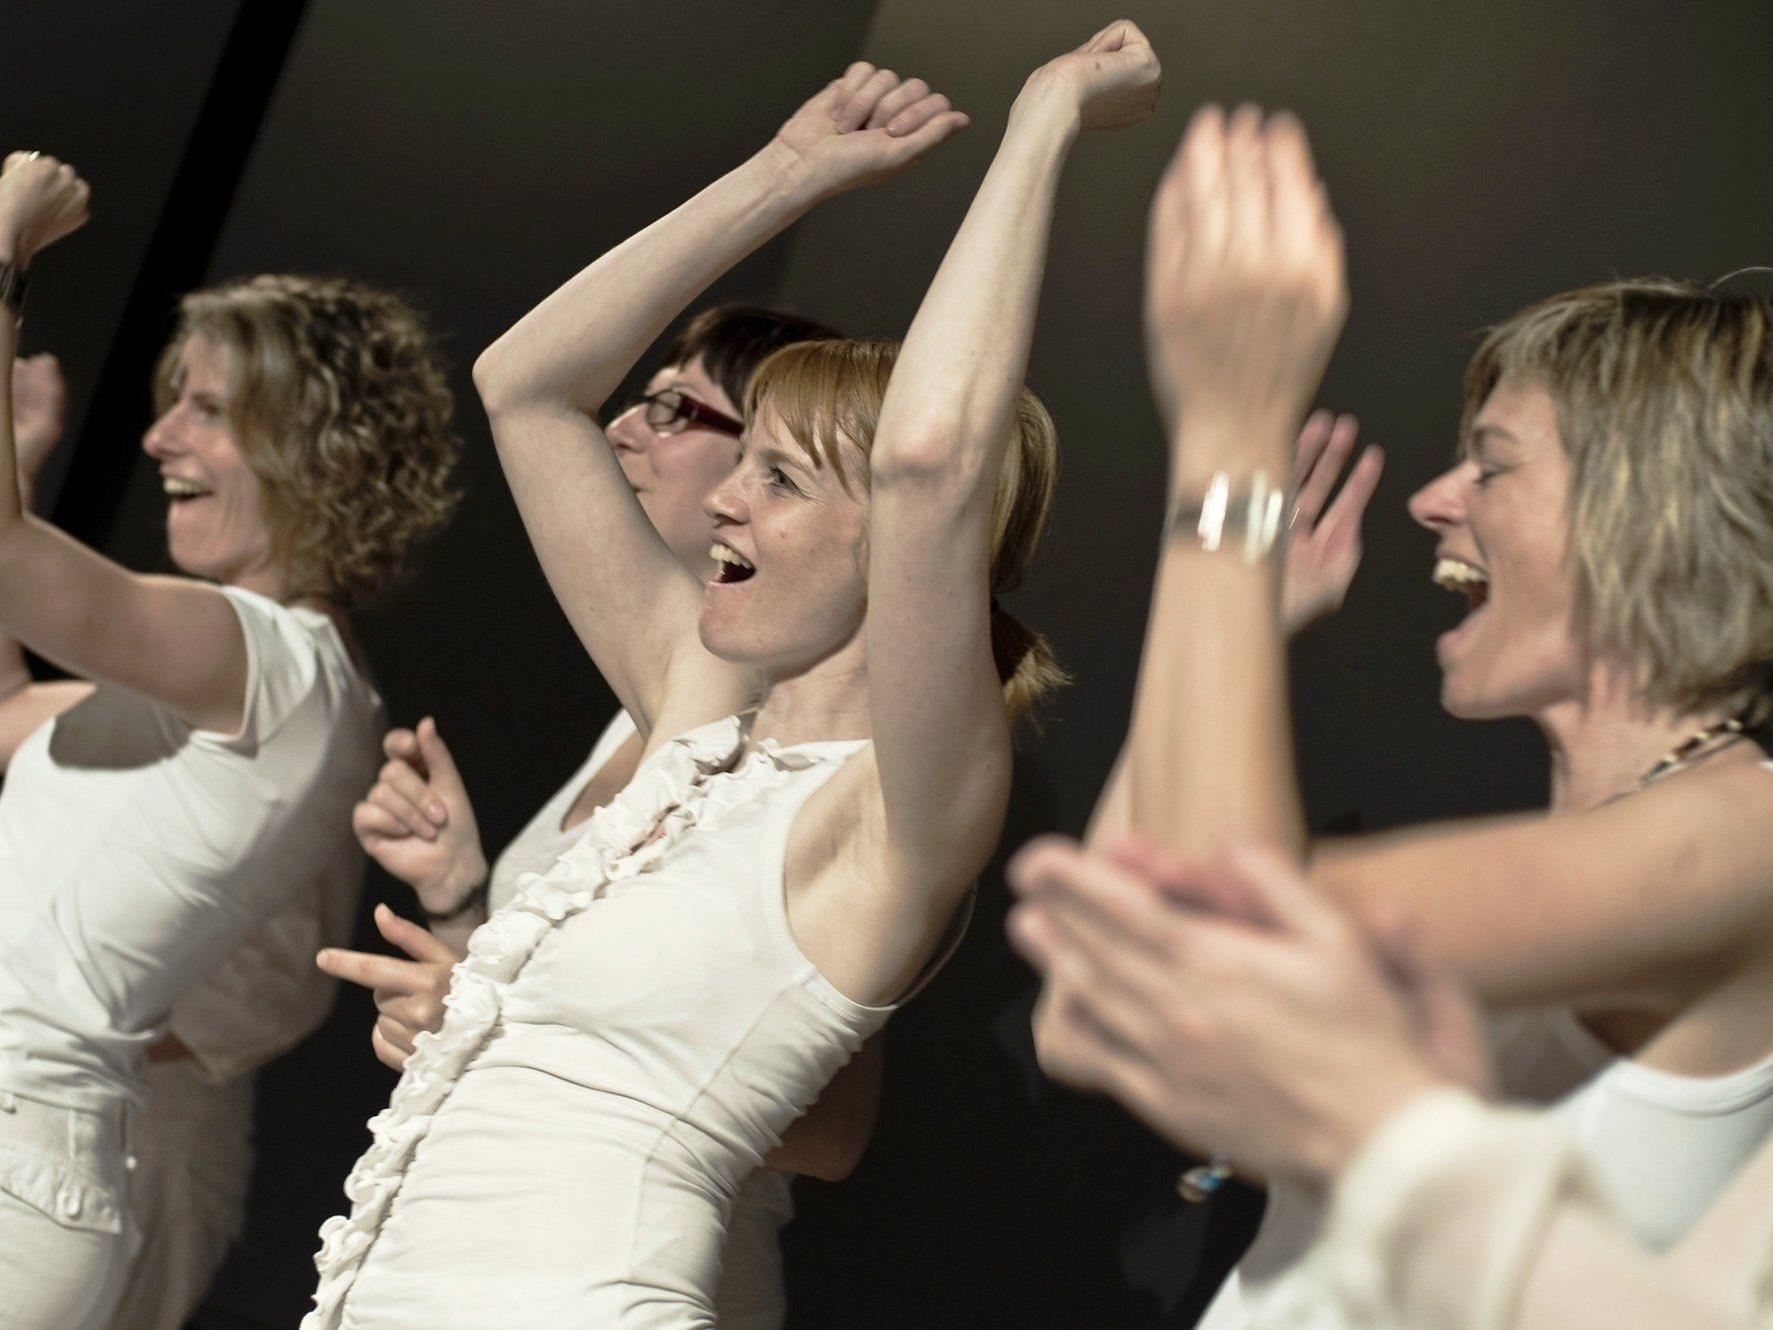 Die Freude an der Musik mit der Frohen Botschaft ist bei jedem Auftritt deutlich spürbar und lässt den Funken überspringen